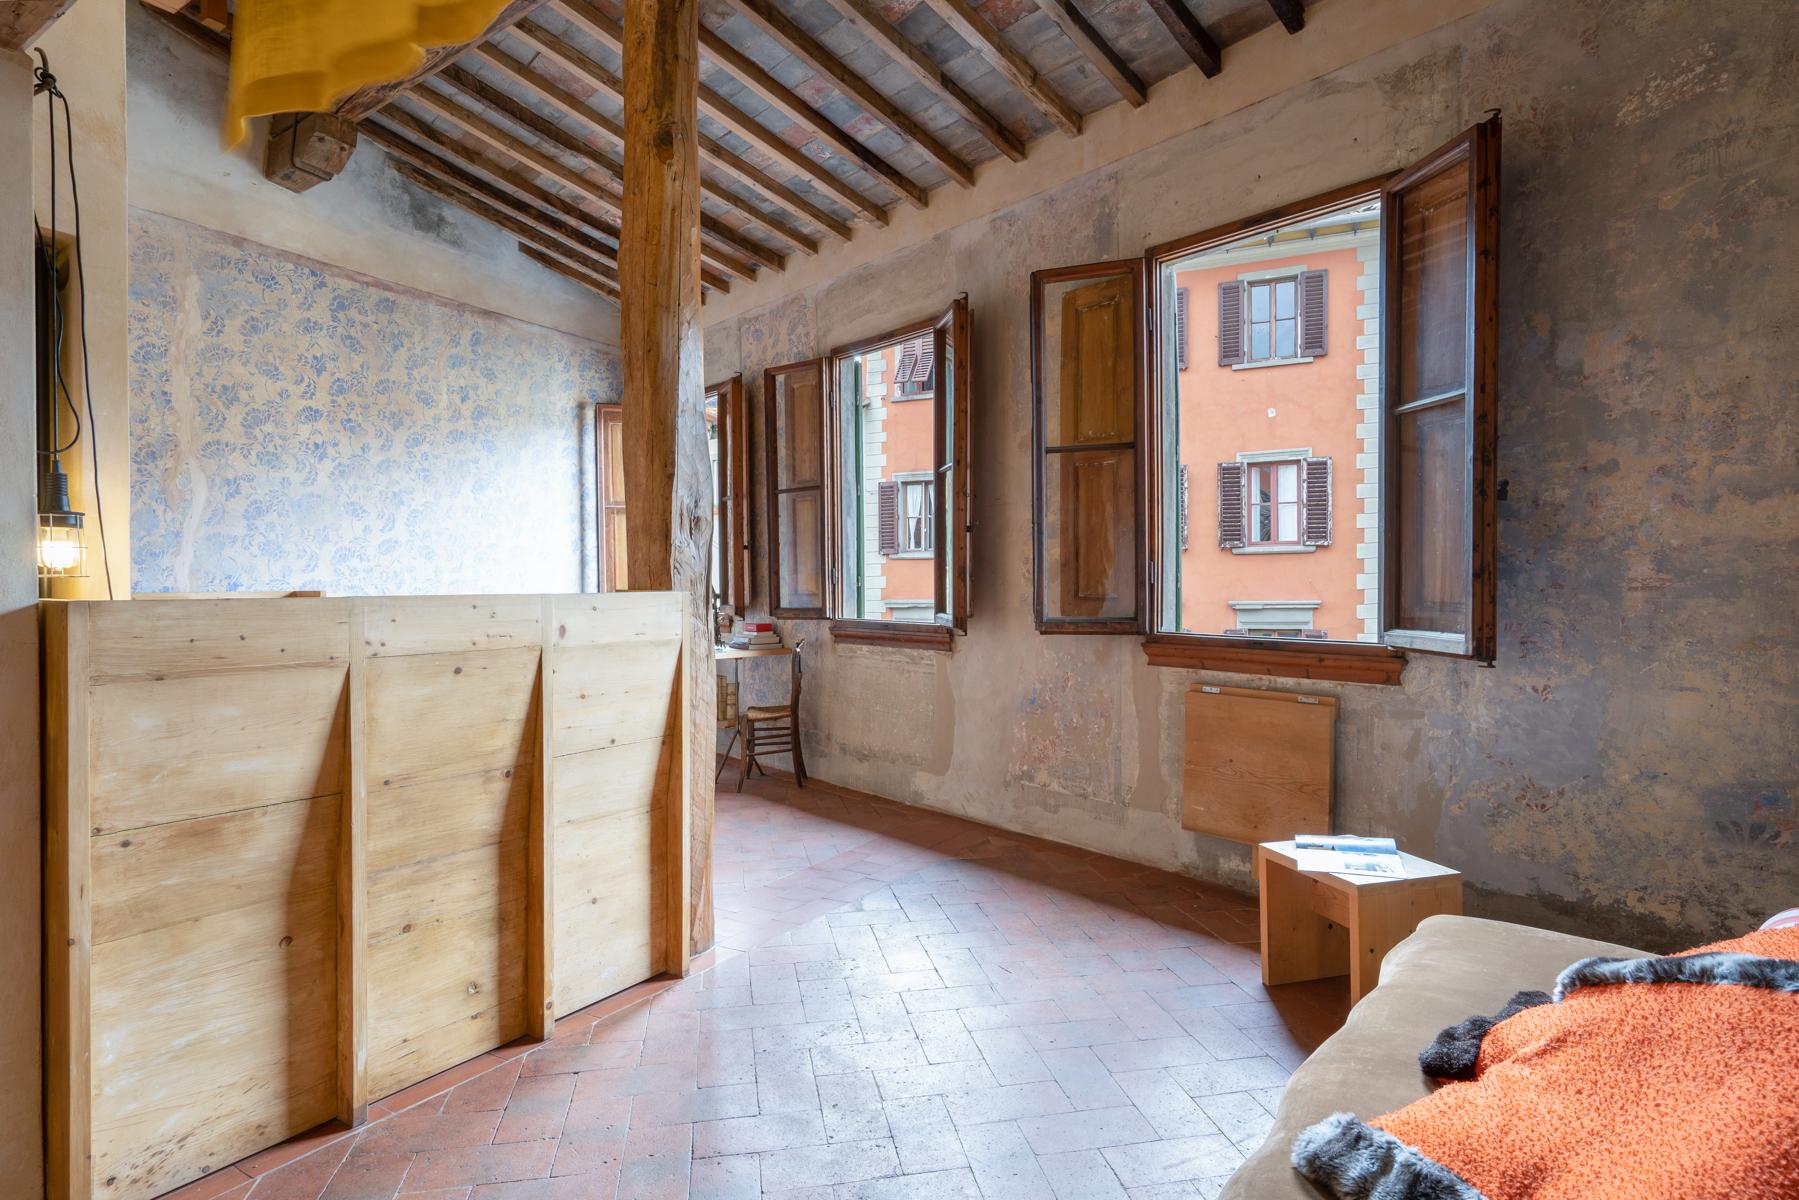 Appartamento in Vendita a Firenze: 4 locali, 120 mq - Foto 4